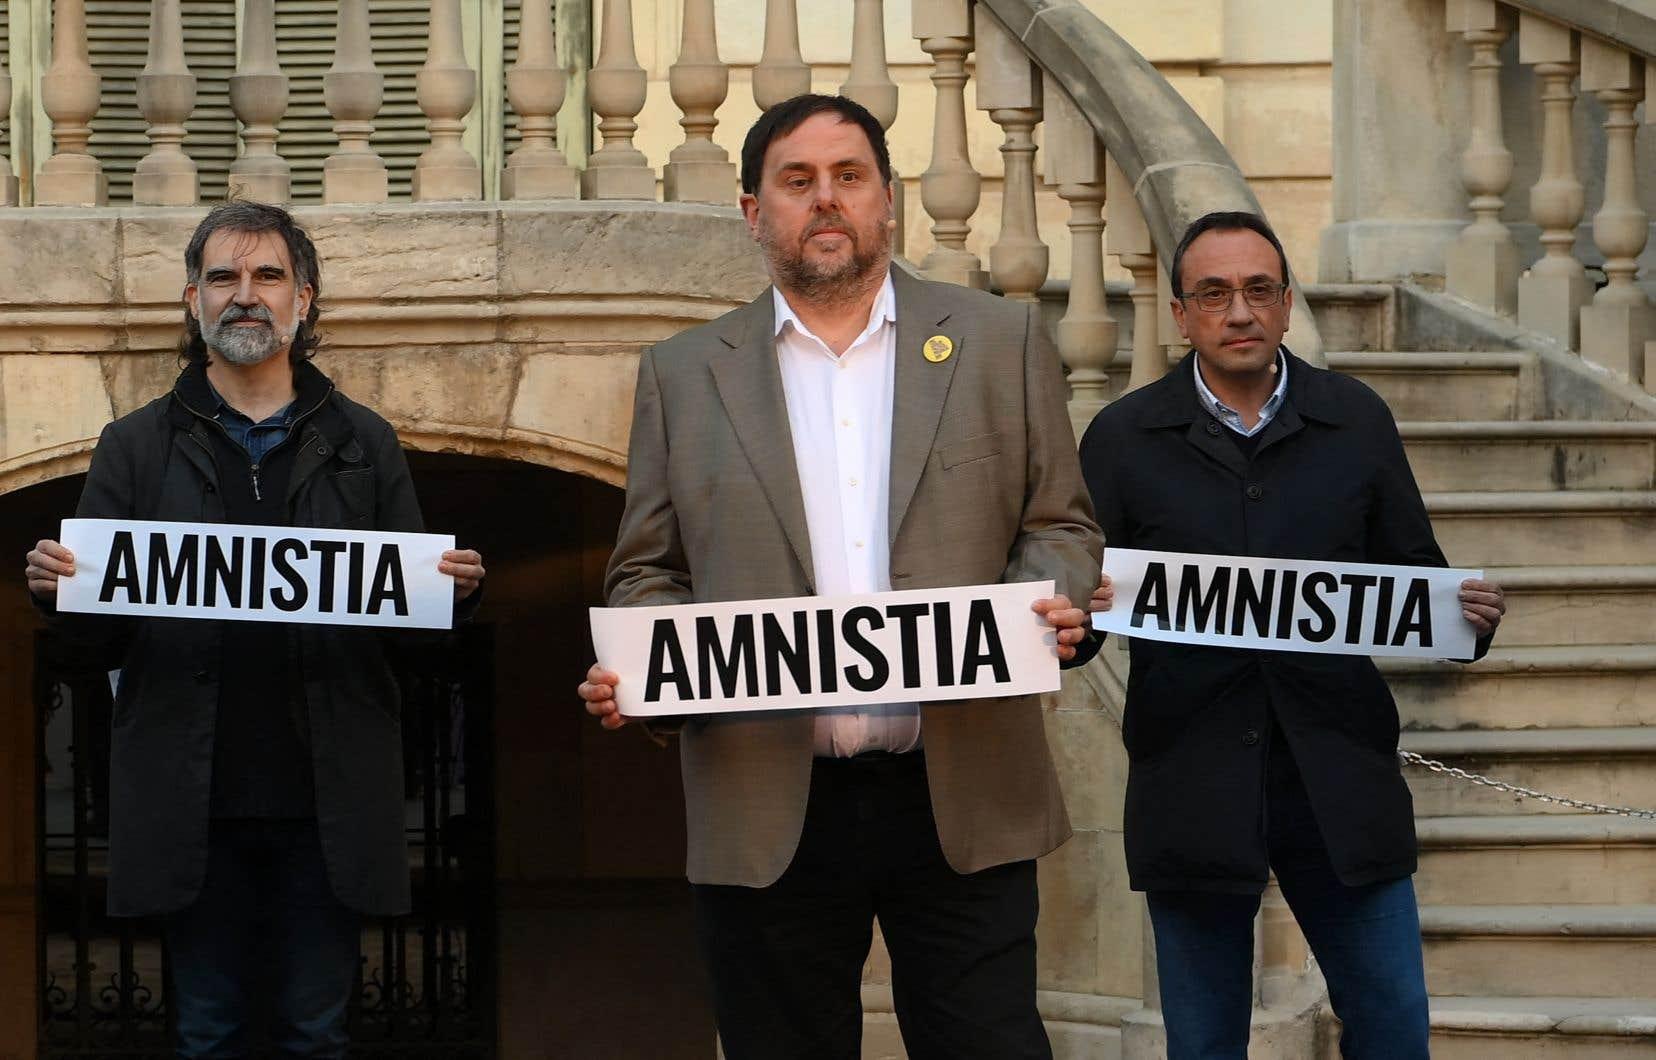 De gauche à droite, les leaders séparatistes catalans Jordi Cuixart, Oriol Junqueras et Josep Rull, en février 2021